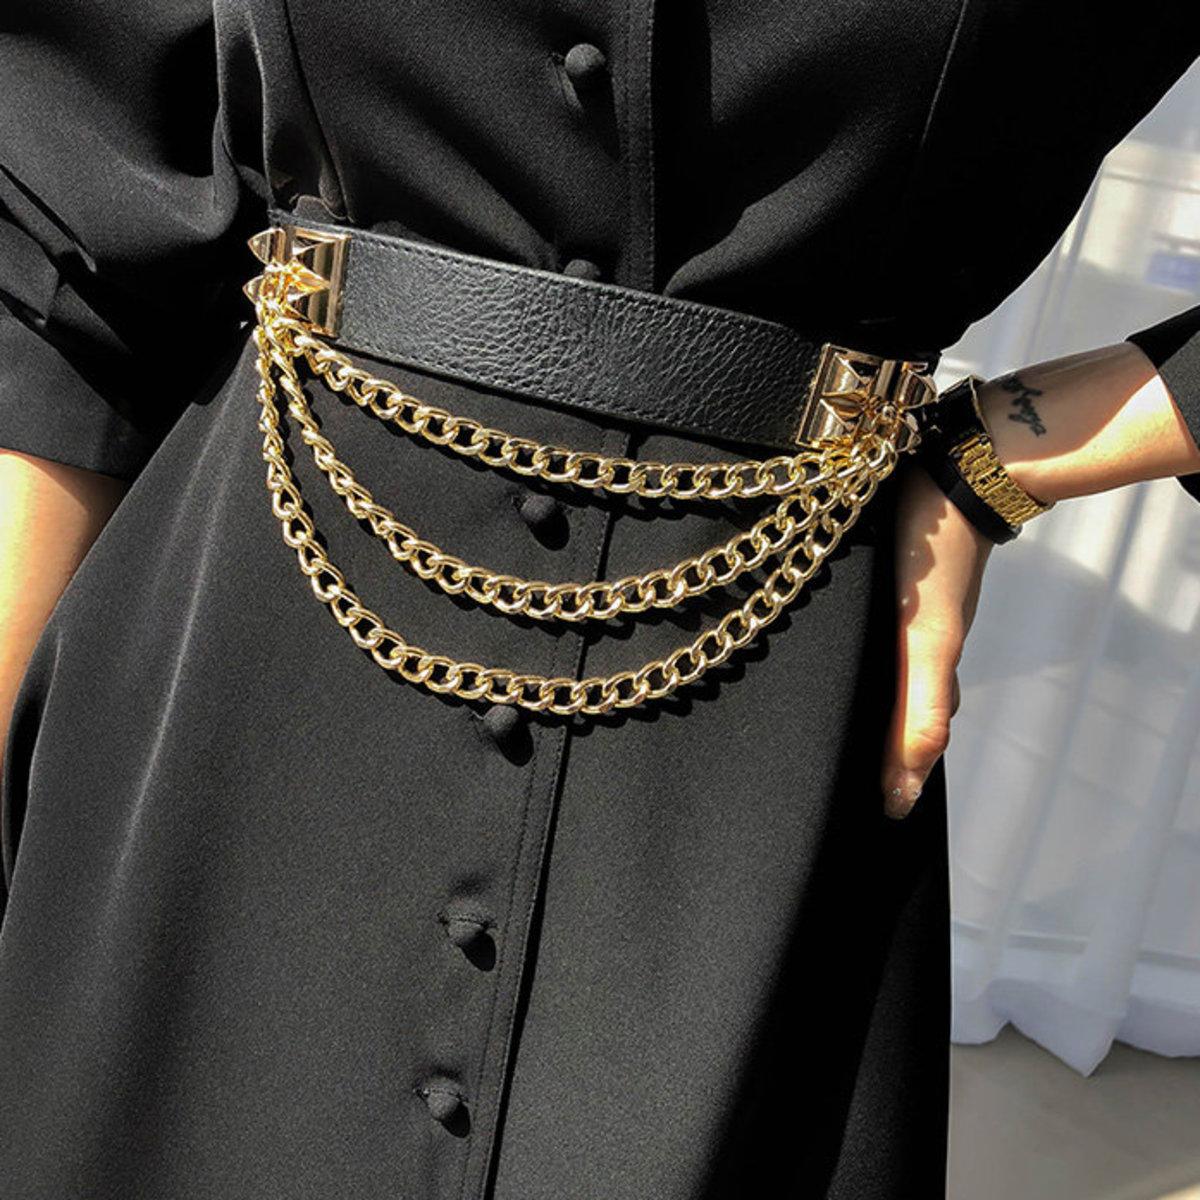 三行垂飾金鏈按扣腰帶